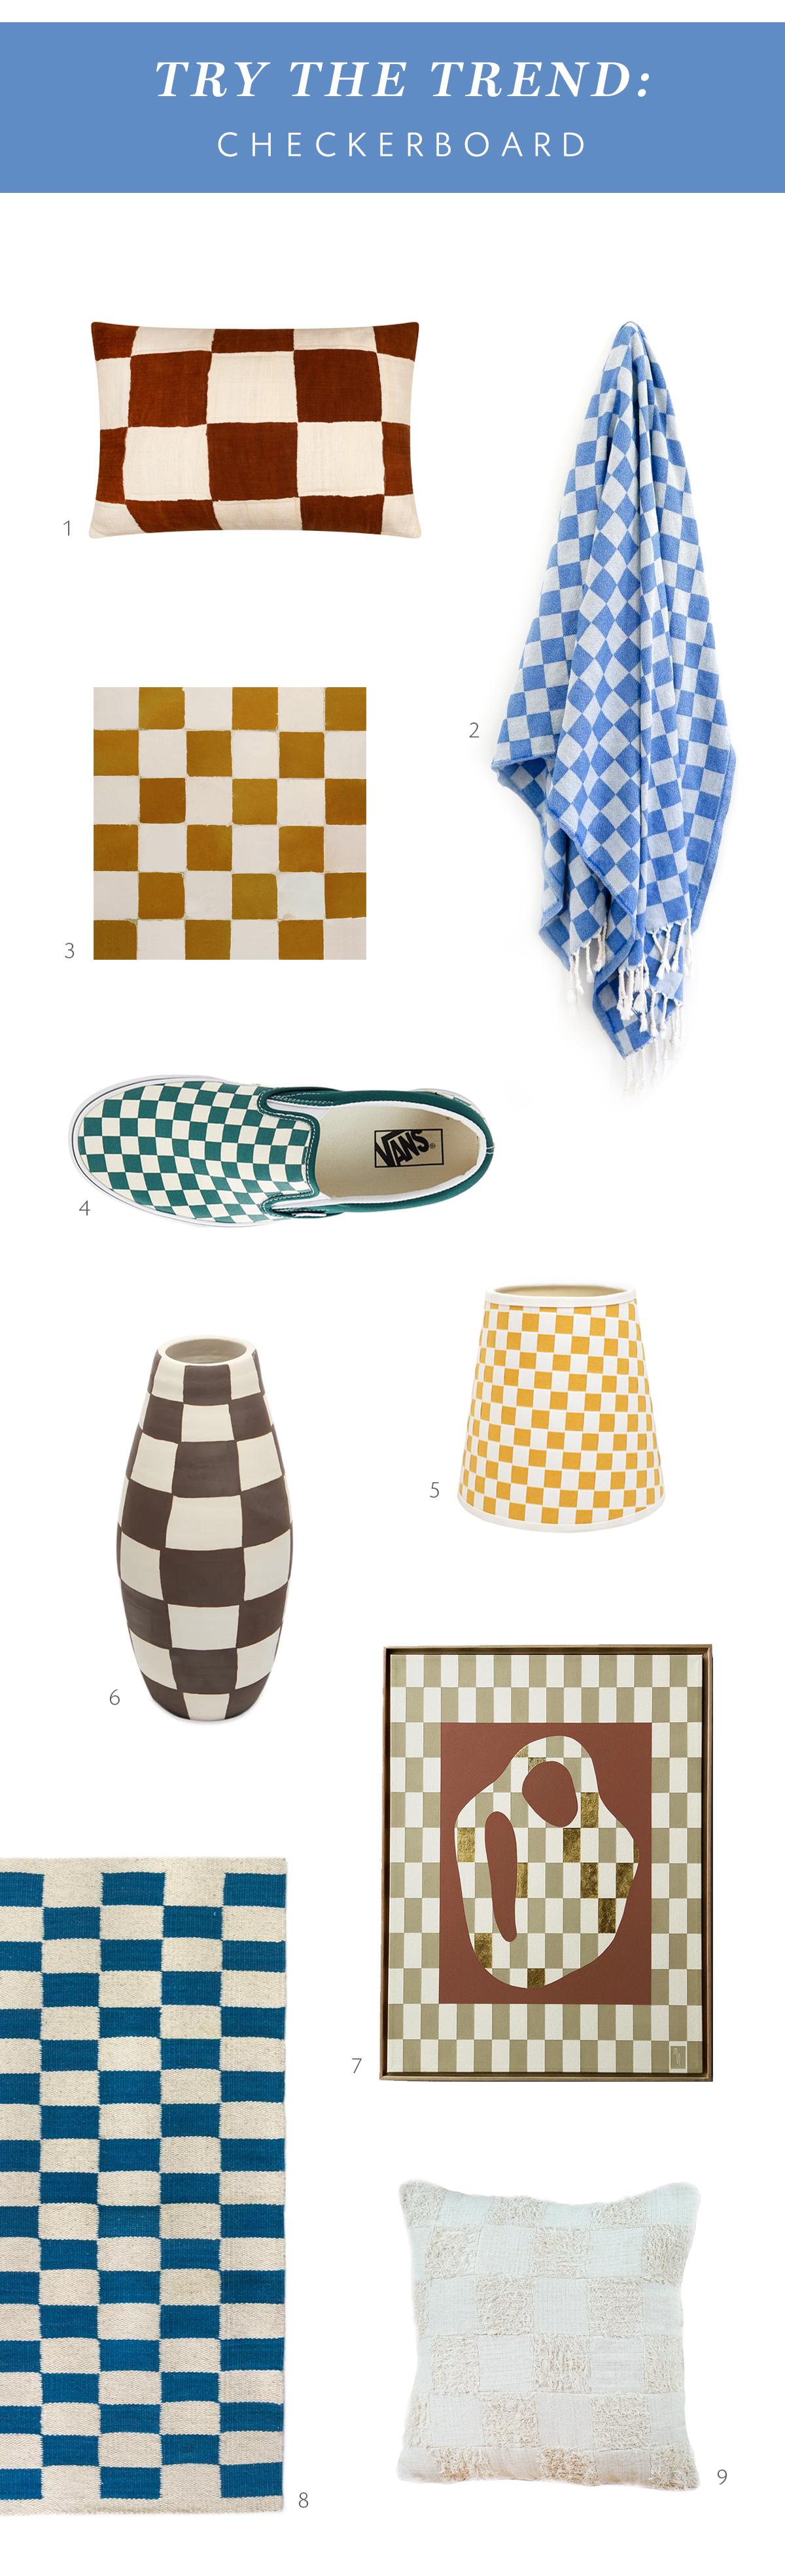 тенденция шахматной доски в доме coco kelley